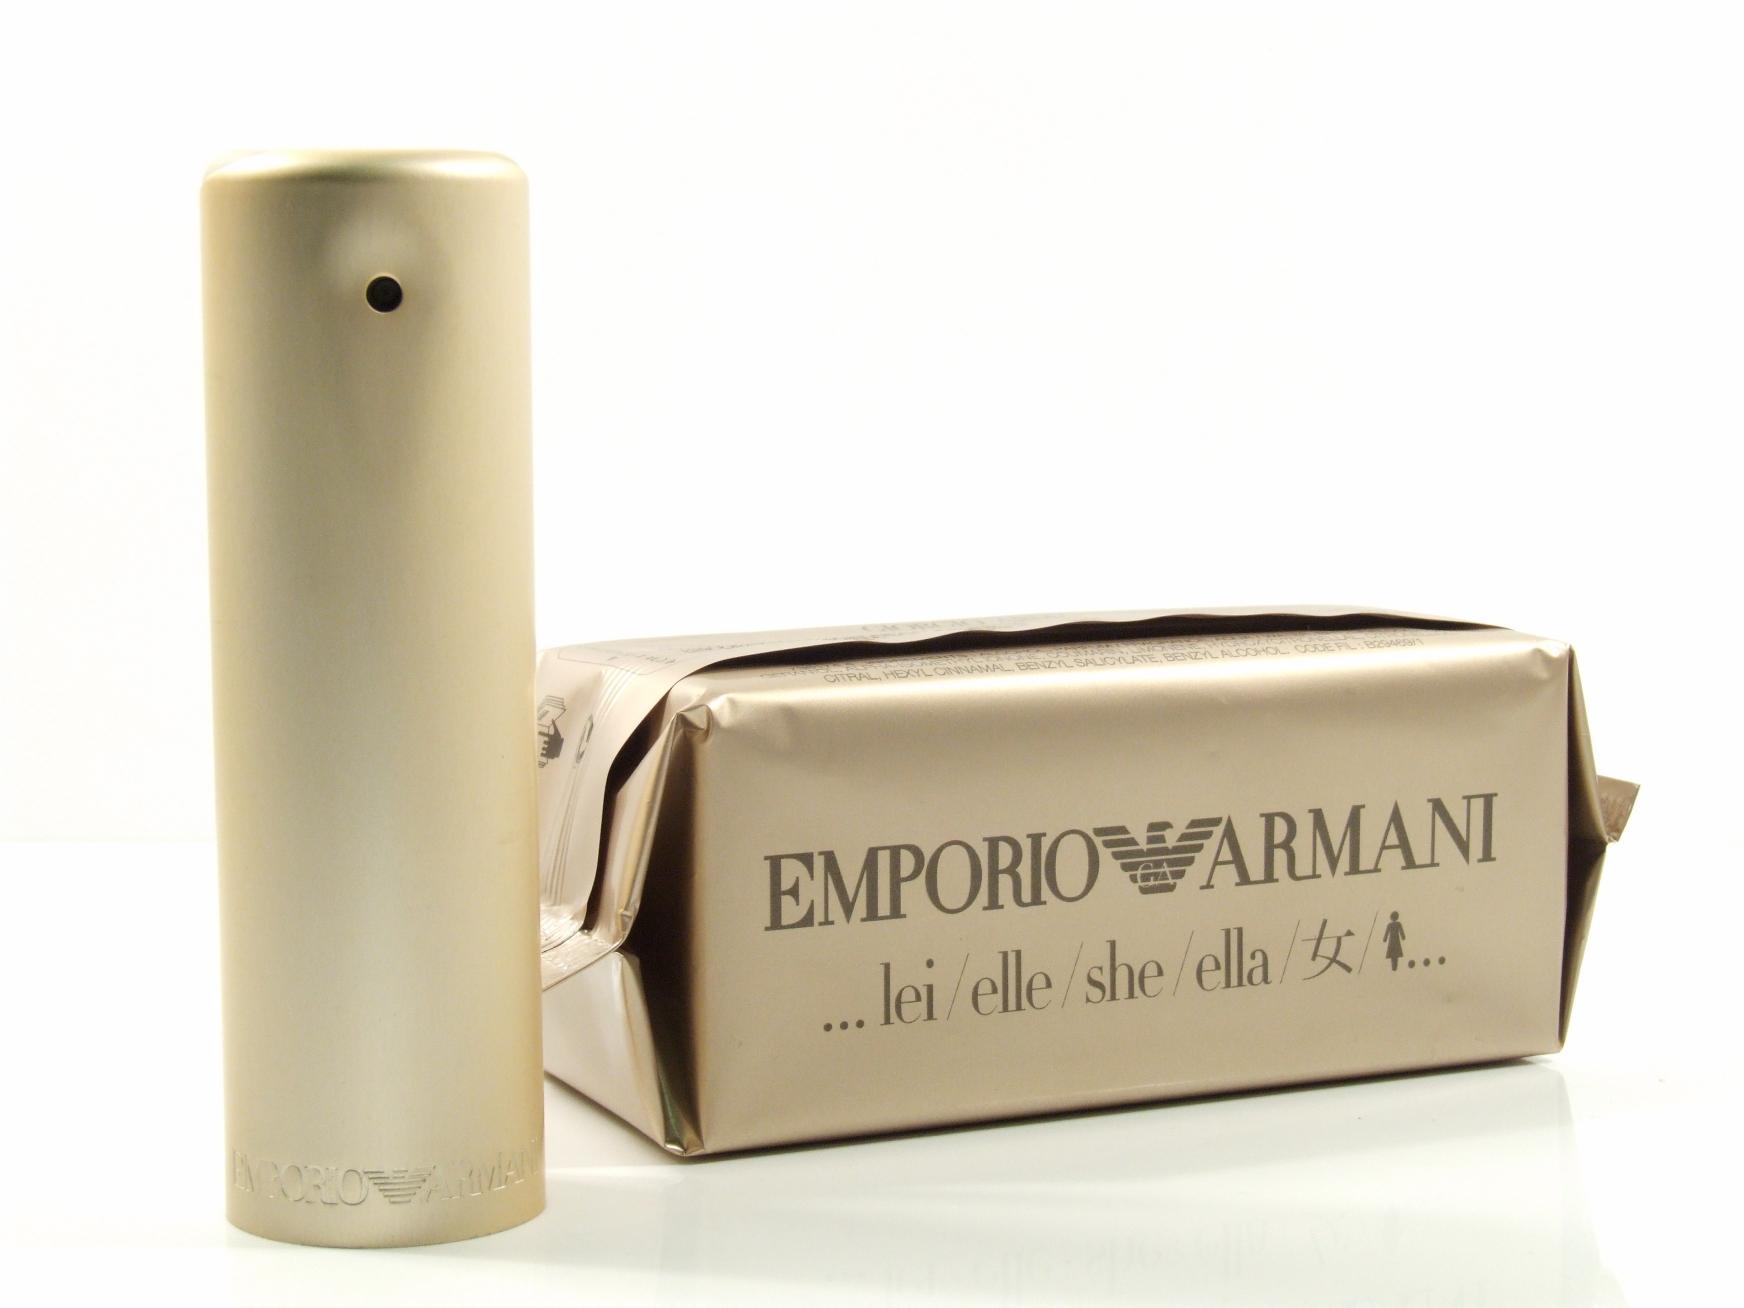 Women 100mlPerfumes Edp By Emporio Armani Giorgio For 0XPkZ8nONw